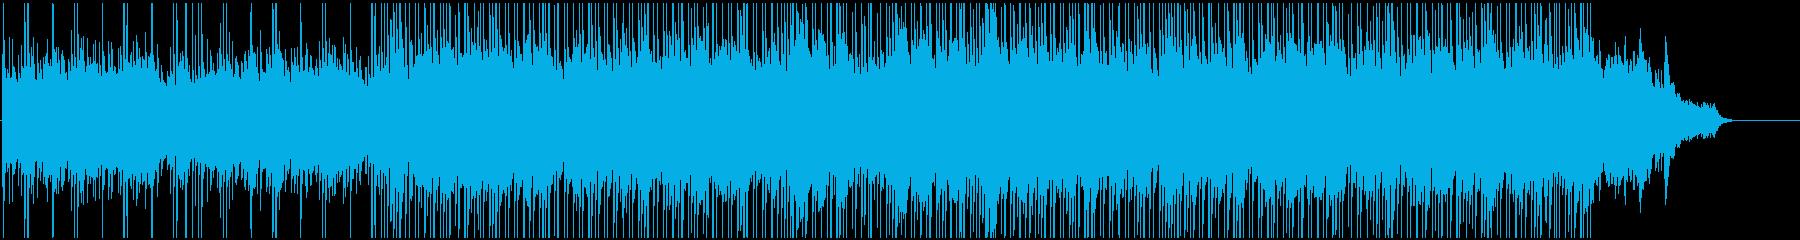 明るく軽やかなBGMの再生済みの波形